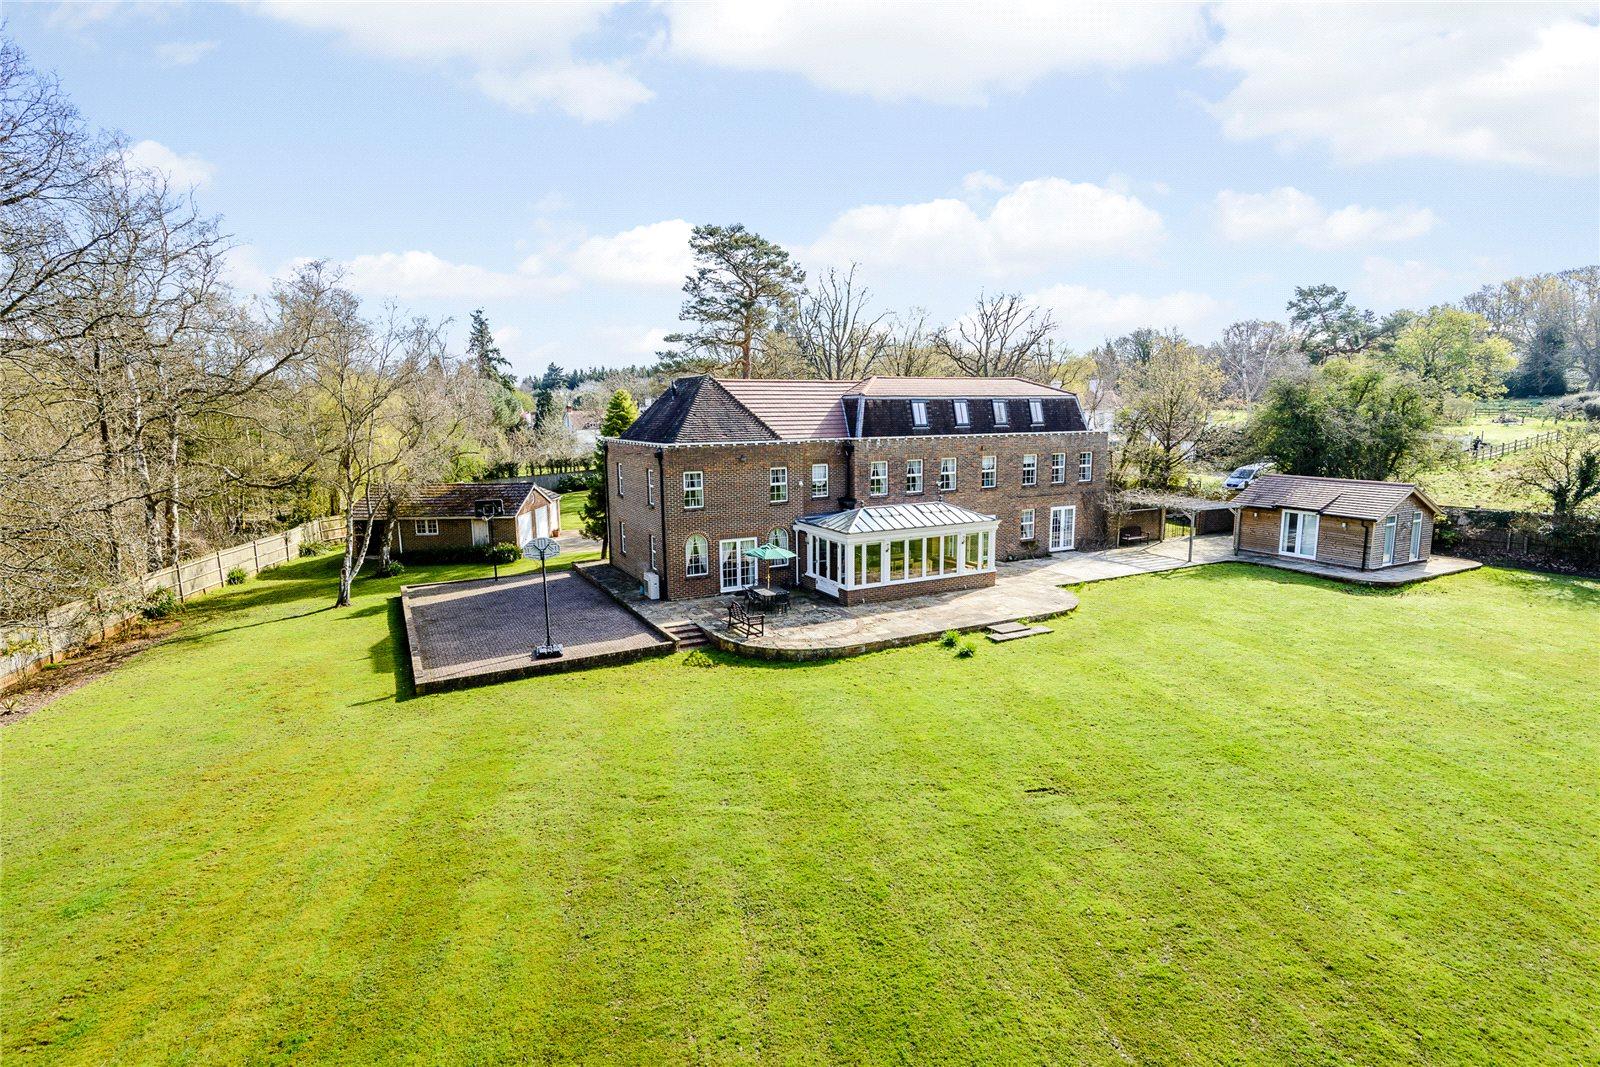 Villa per Vendita alle ore Coombe Lane, Ascot, Berkshire, SL5 Ascot, Inghilterra